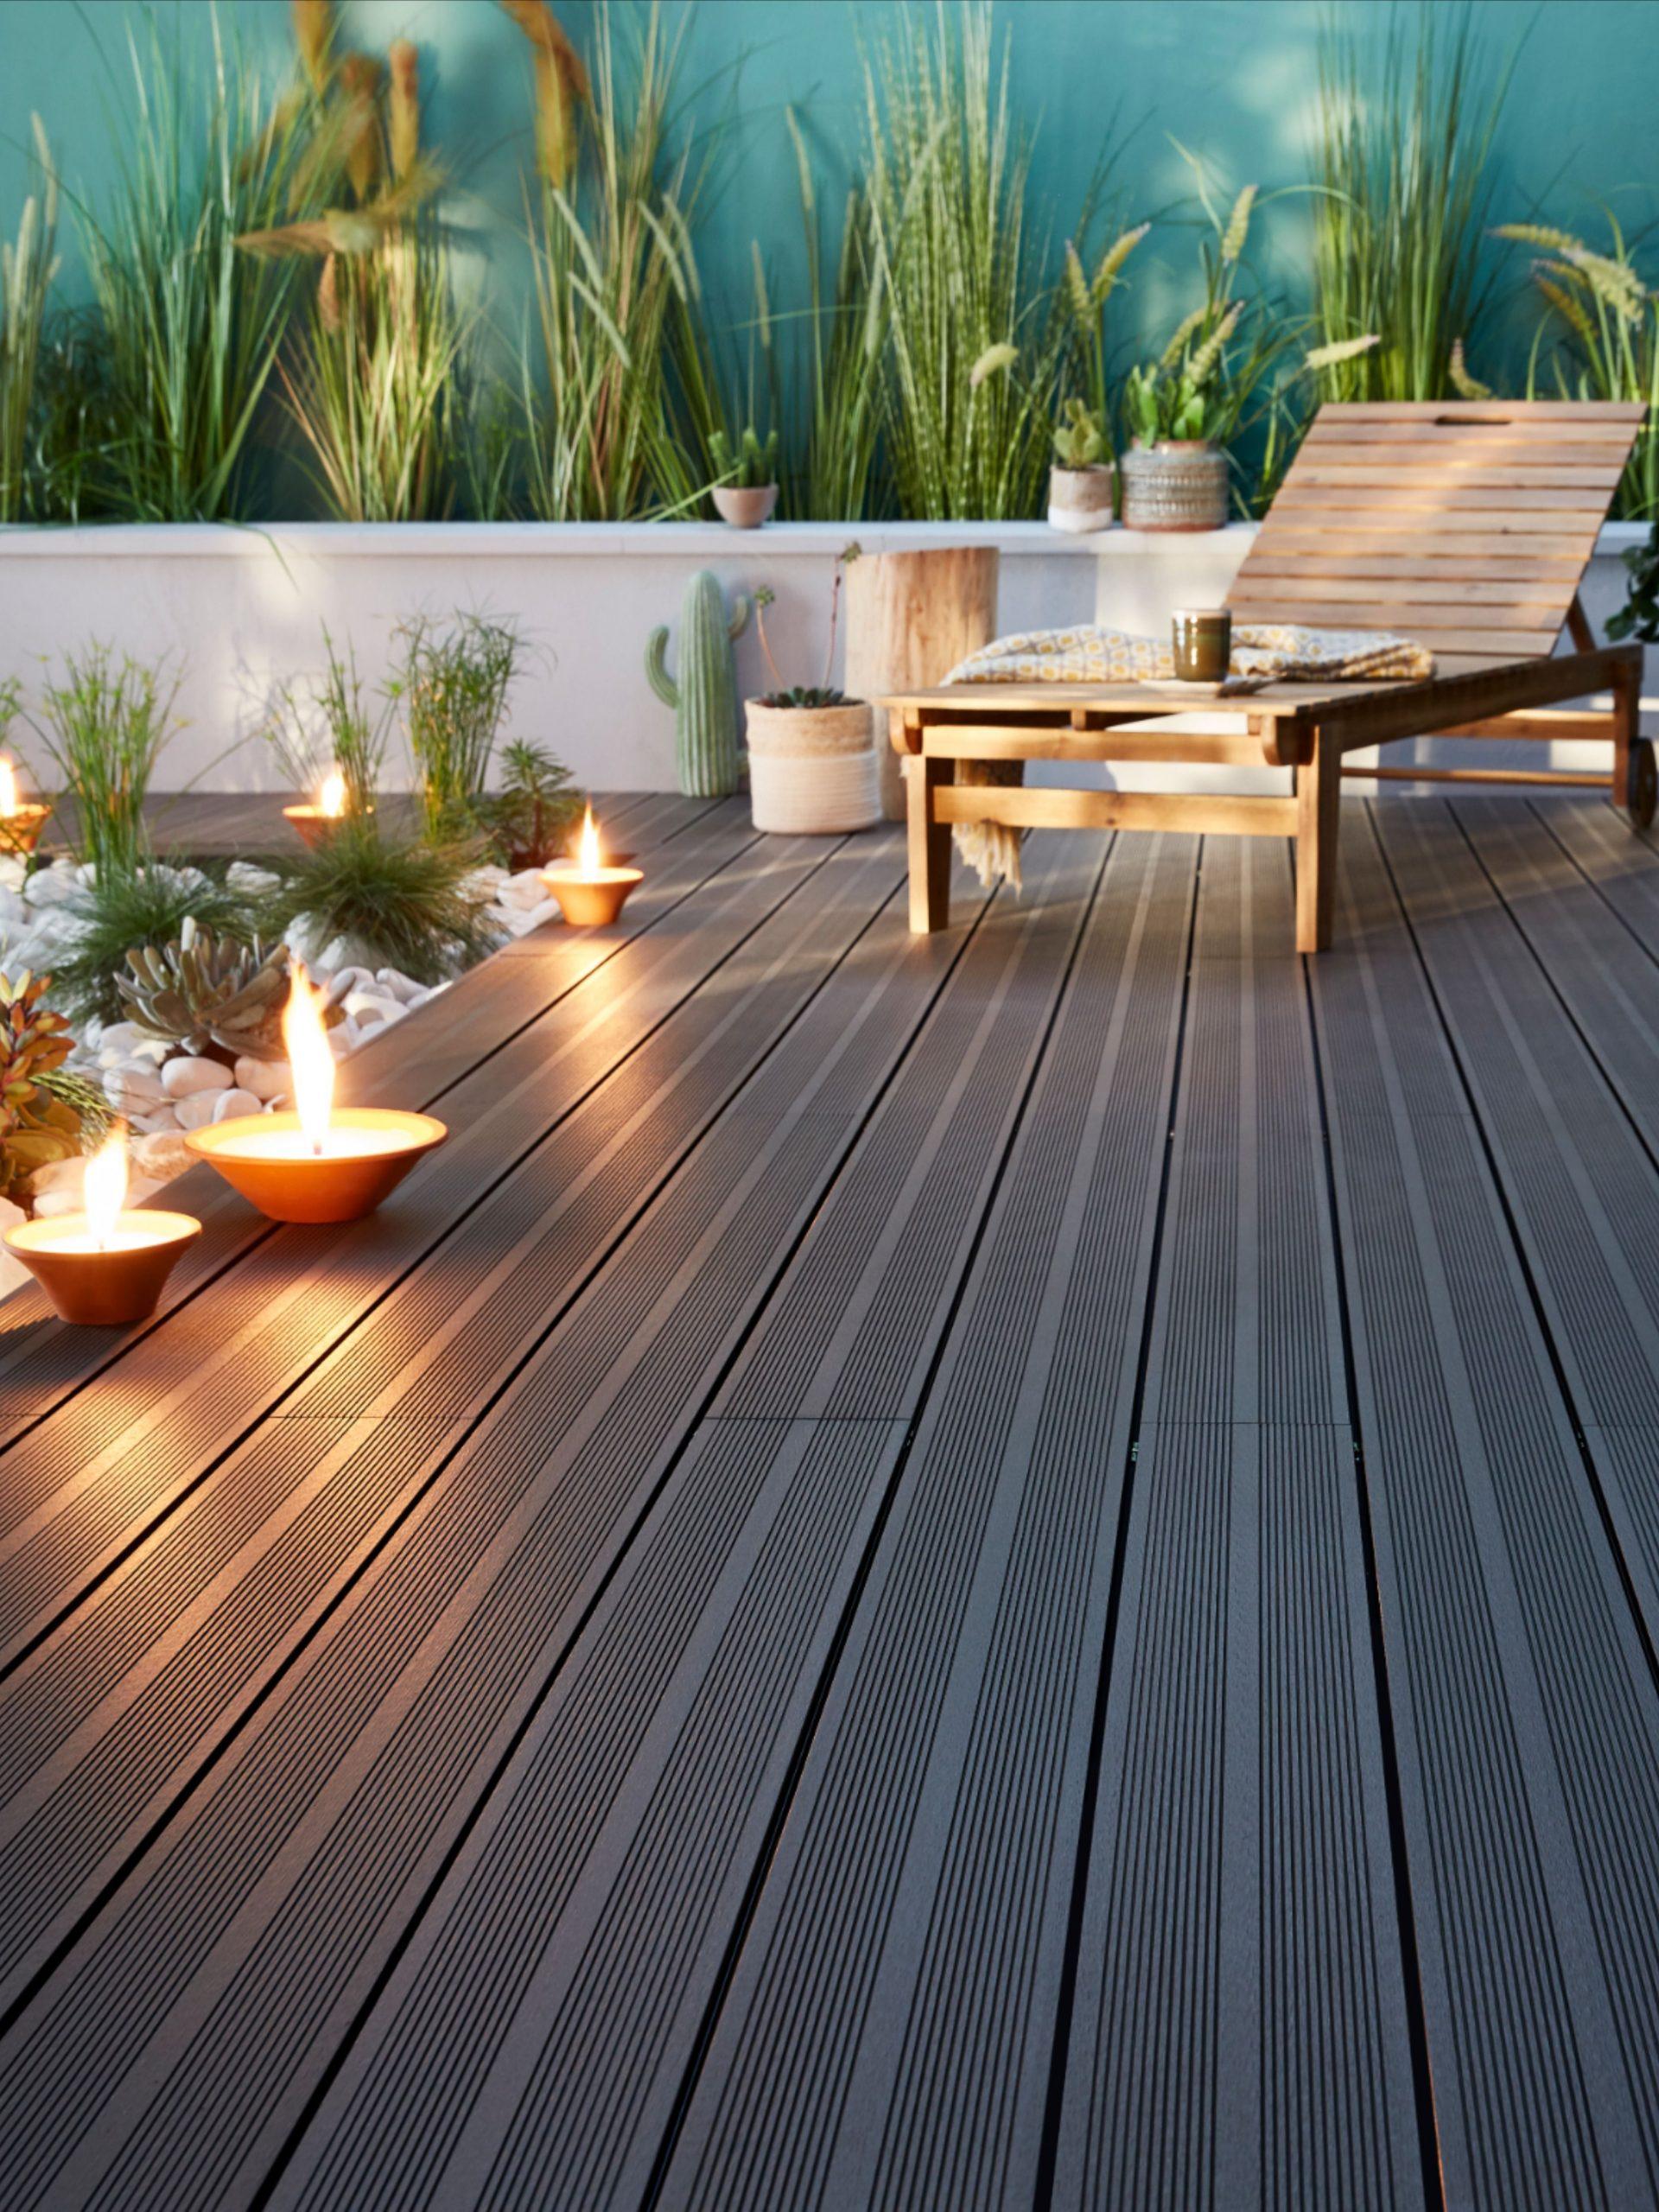 Epingle Sur Deco Encequiconcerne Planche Bois Exotique Castorama Idees Conception Jardin Idees Conception Jardin